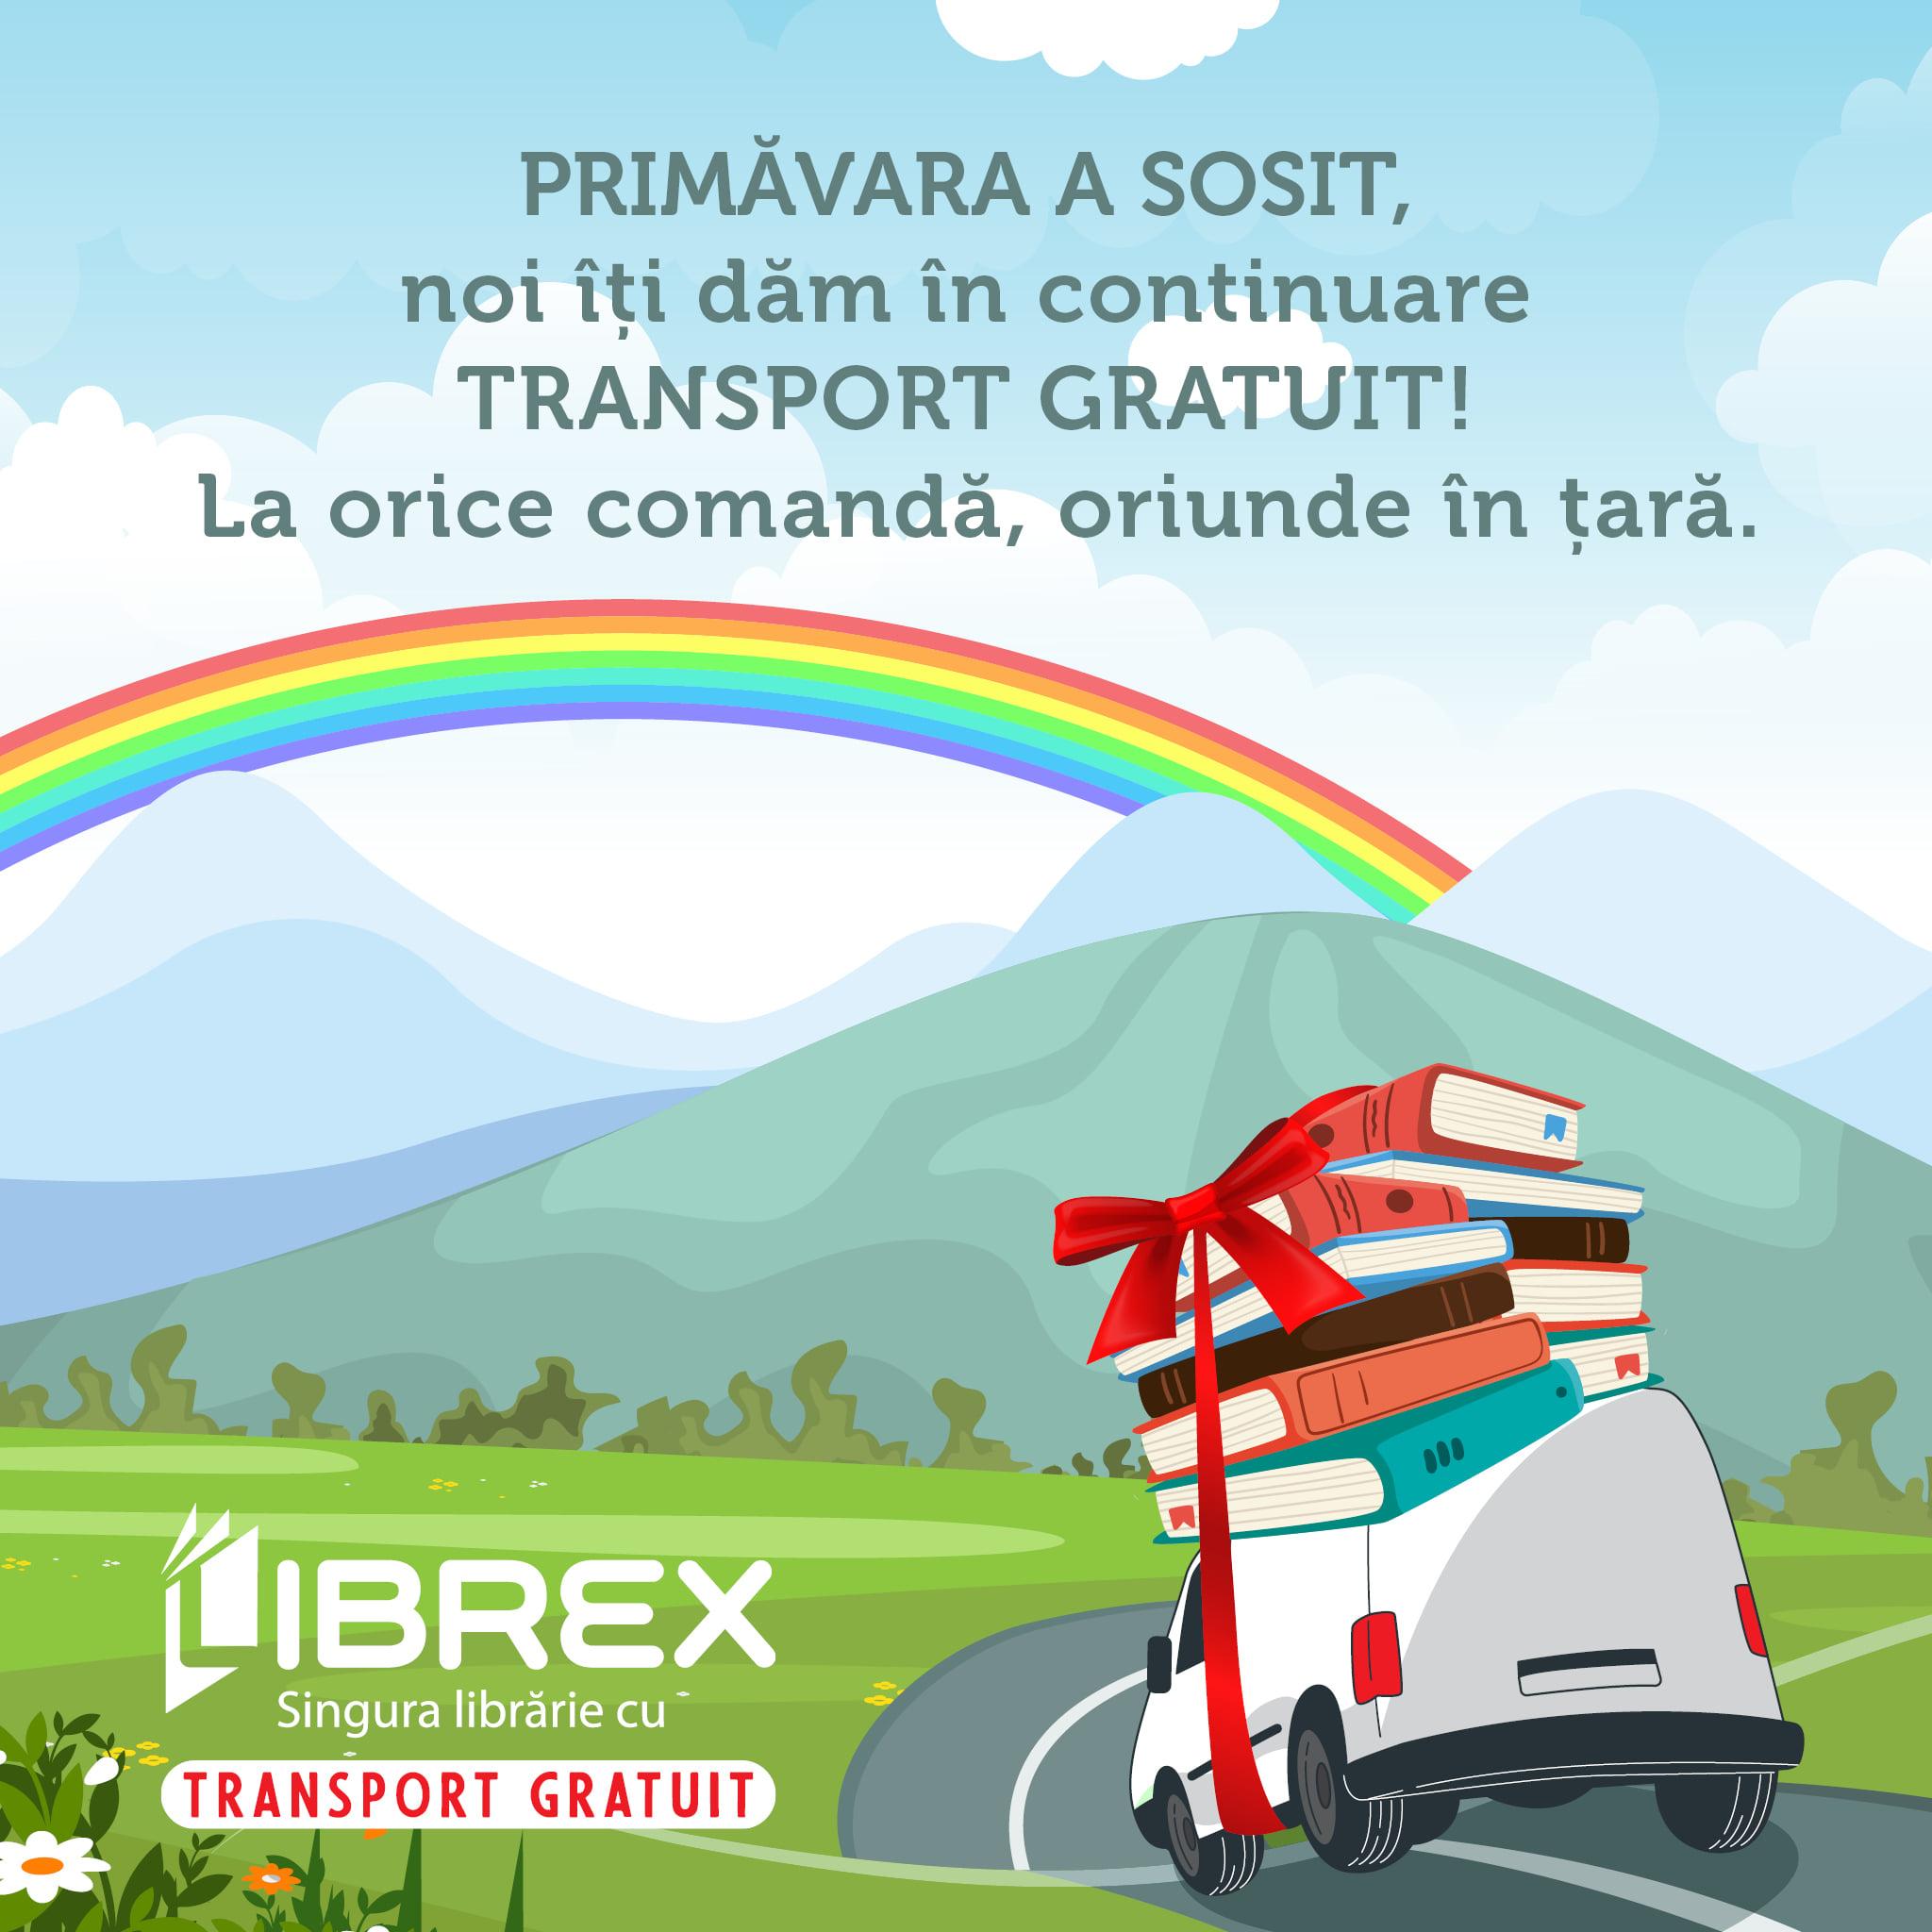 (P) Cărți de dezvoltare personală must have de la LIBREX, pe care le poți comanda cu transport gratuit!